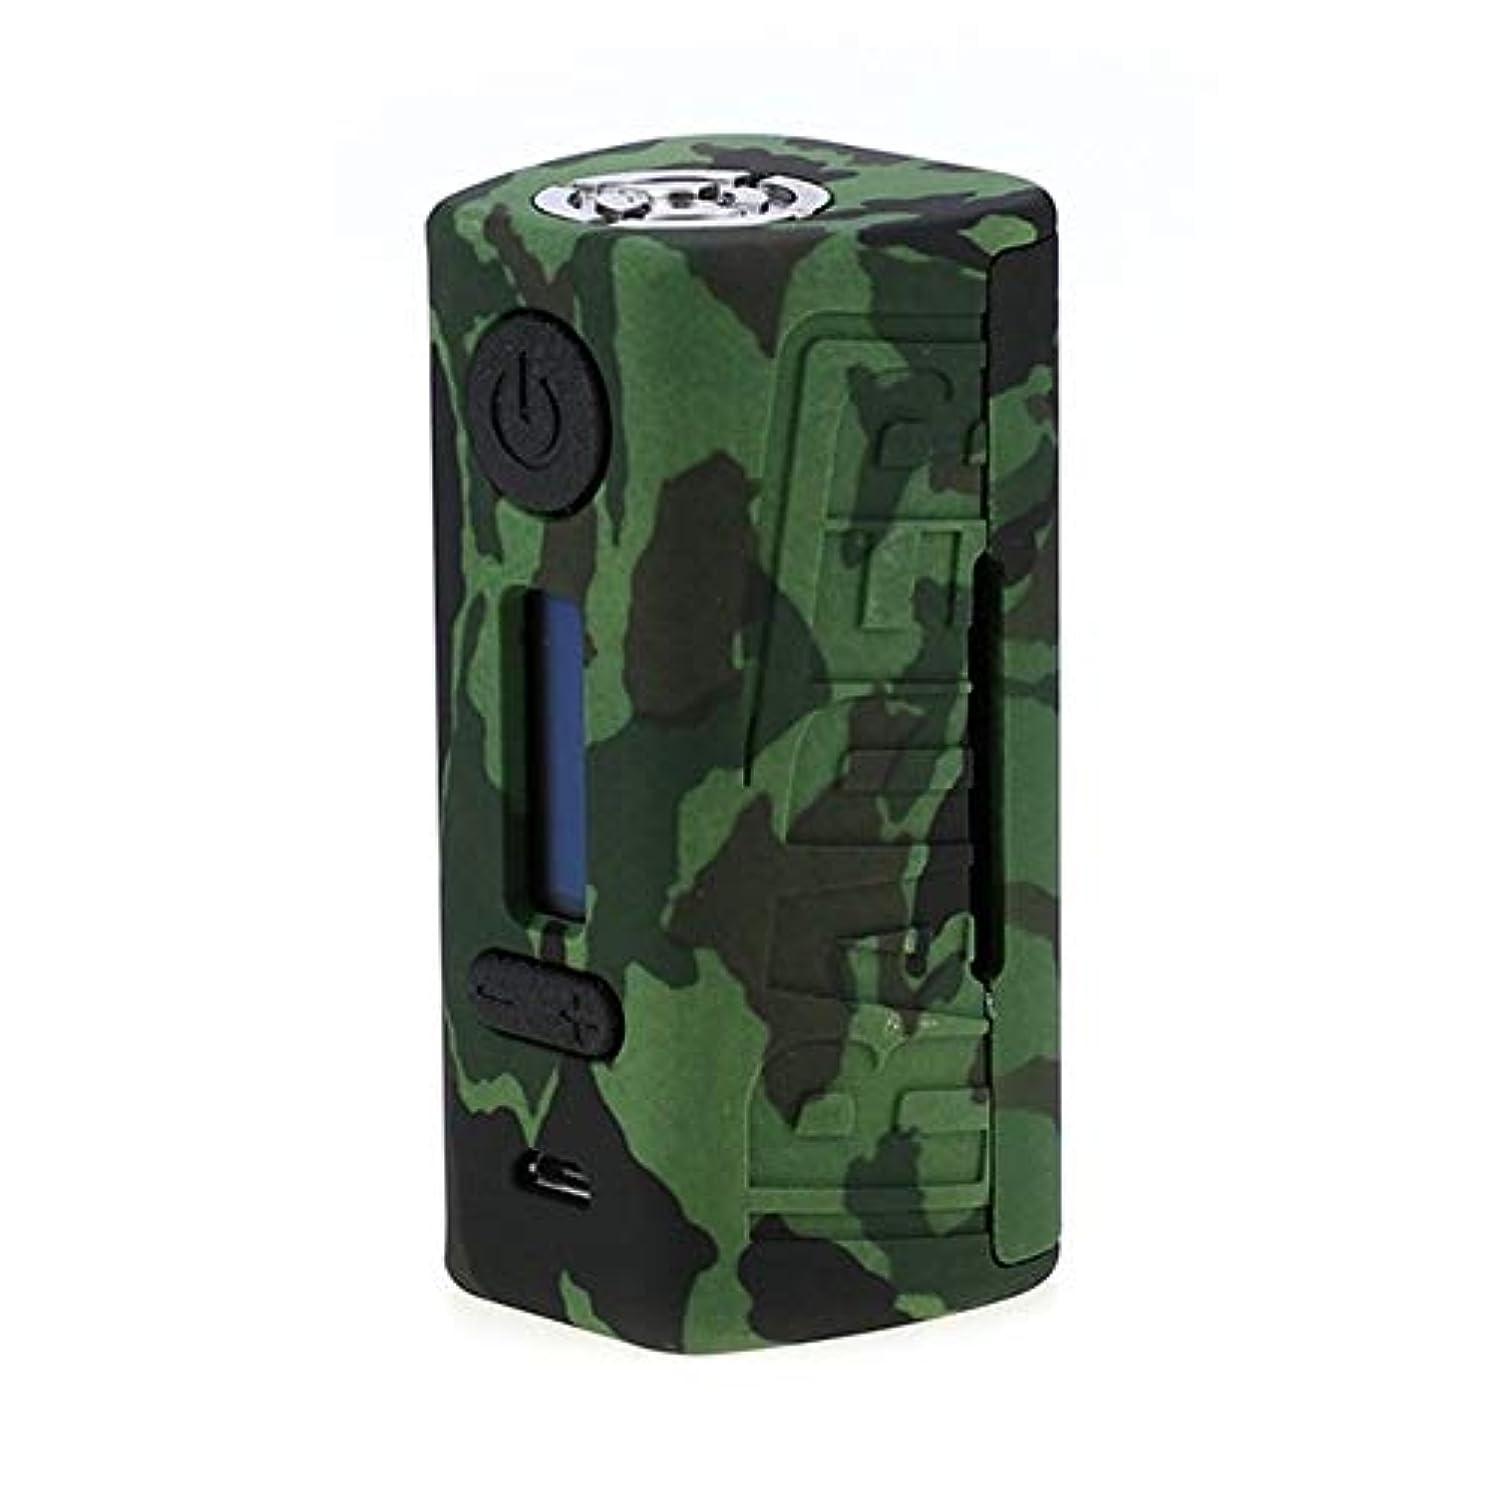 お世話になった国際奴隷正規品 Hugo Vapor Boxer Rader V2 211W Box MOD 電子タバコ あいこす本体セット電子タバコ かっこいい (カモ)